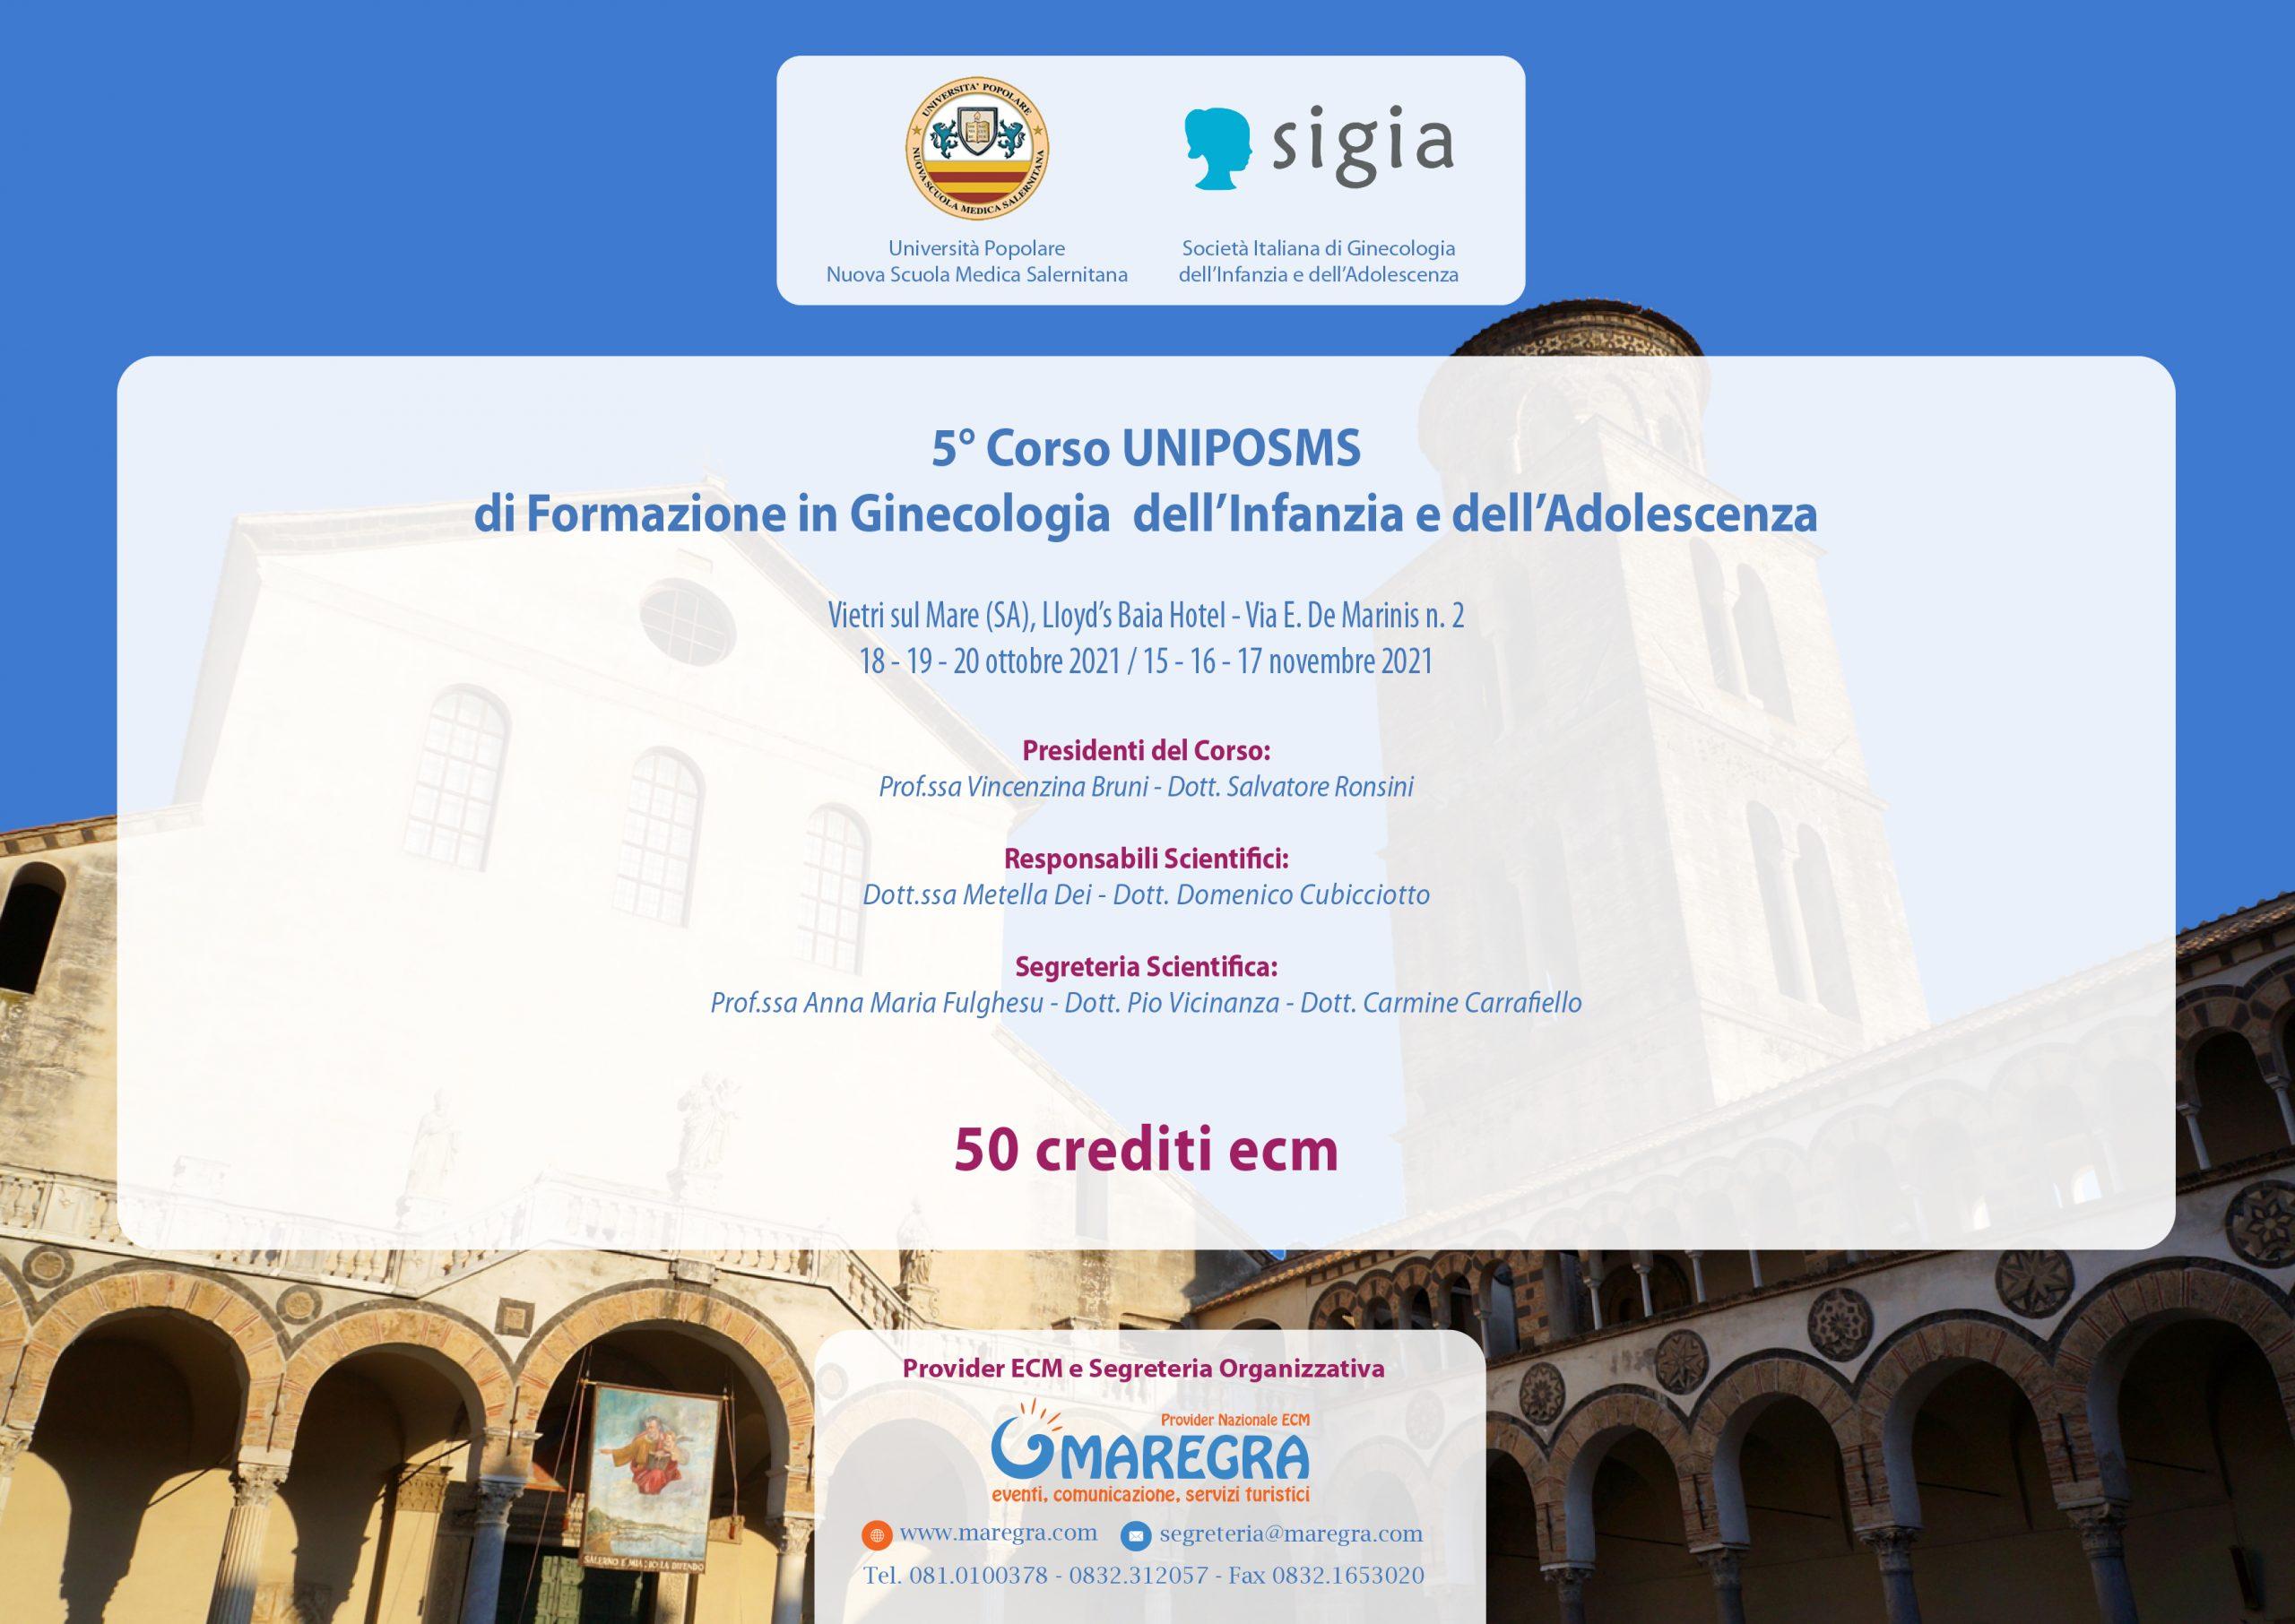 5° Corso UNIPOSMS di Formazione in Ginecologia dell'Infanzia e dell'Adolescenza